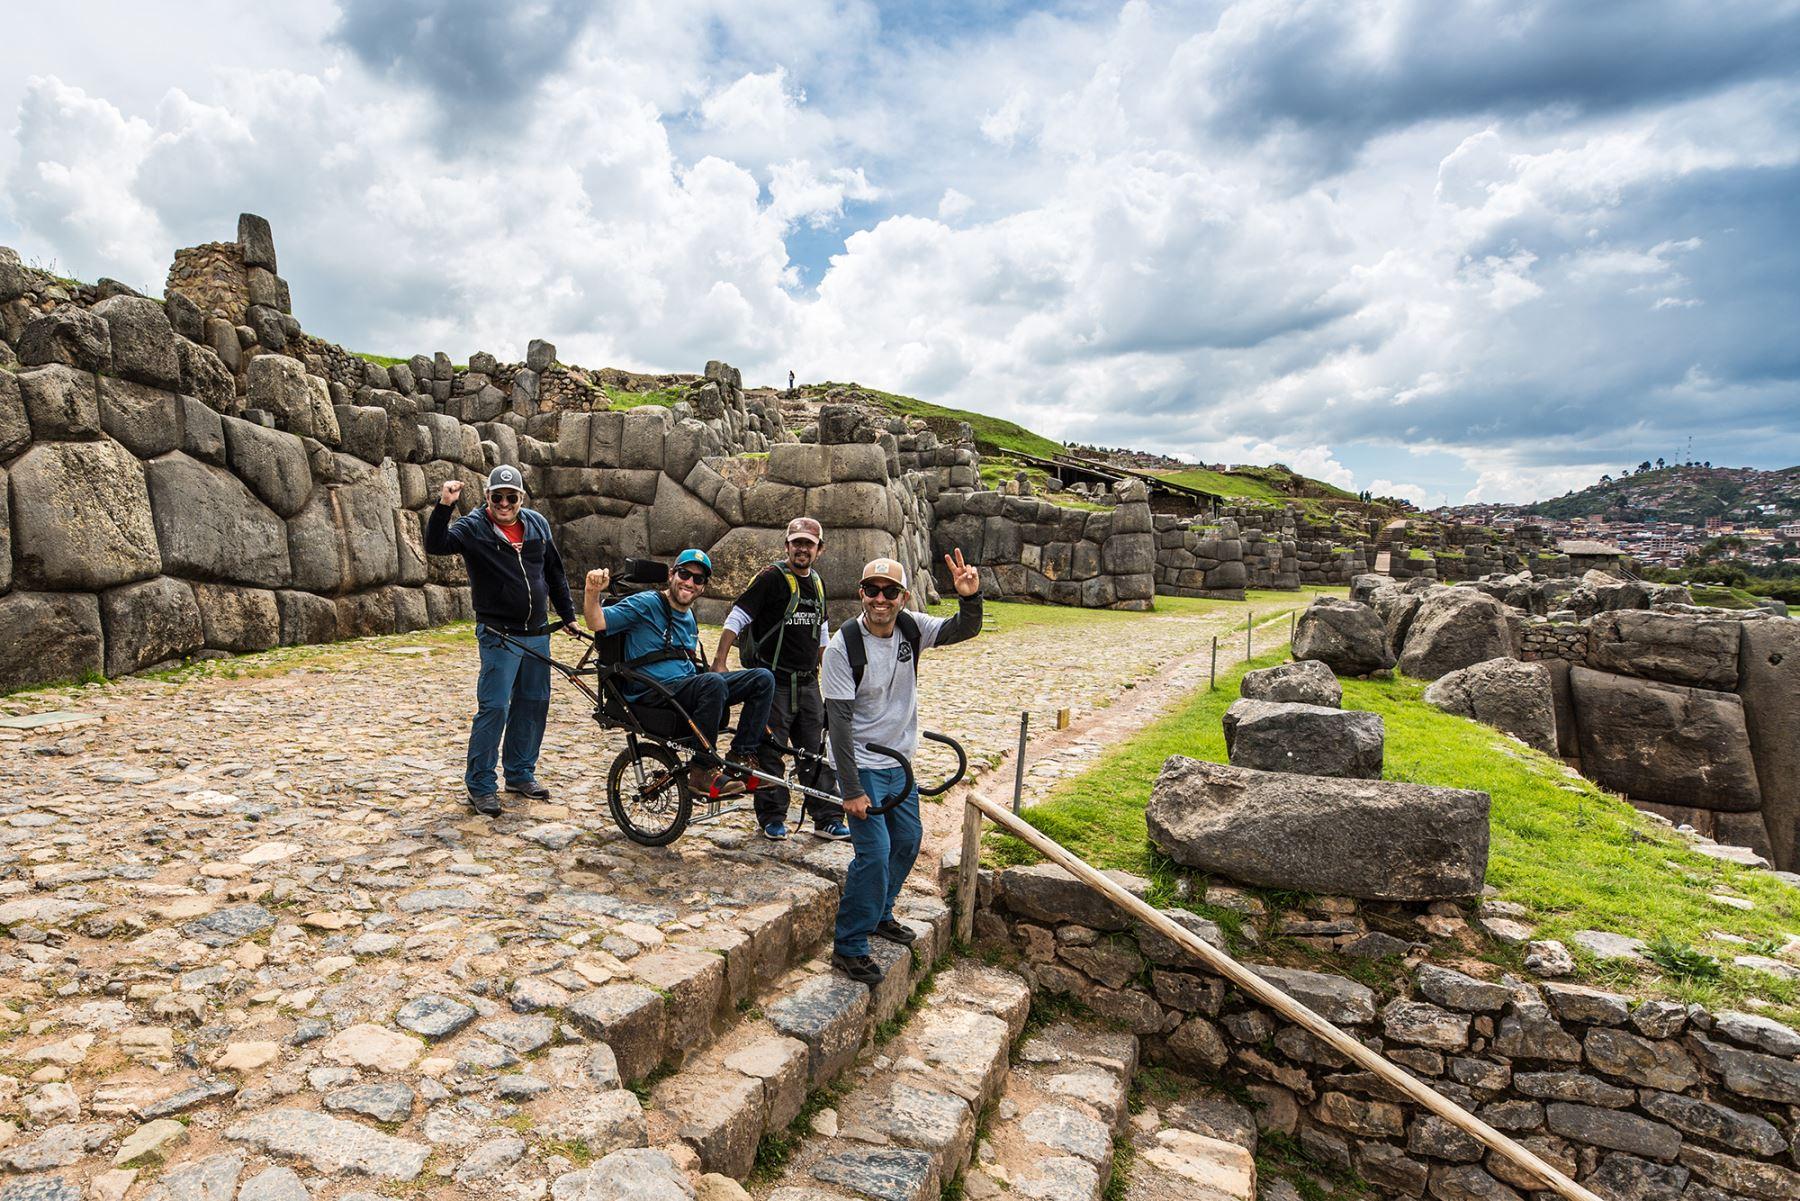 Implementan el primer recorrido en silla de ruedas en parque arqueológico Machu Picchu, en Cusco. Foto: Wheel the World